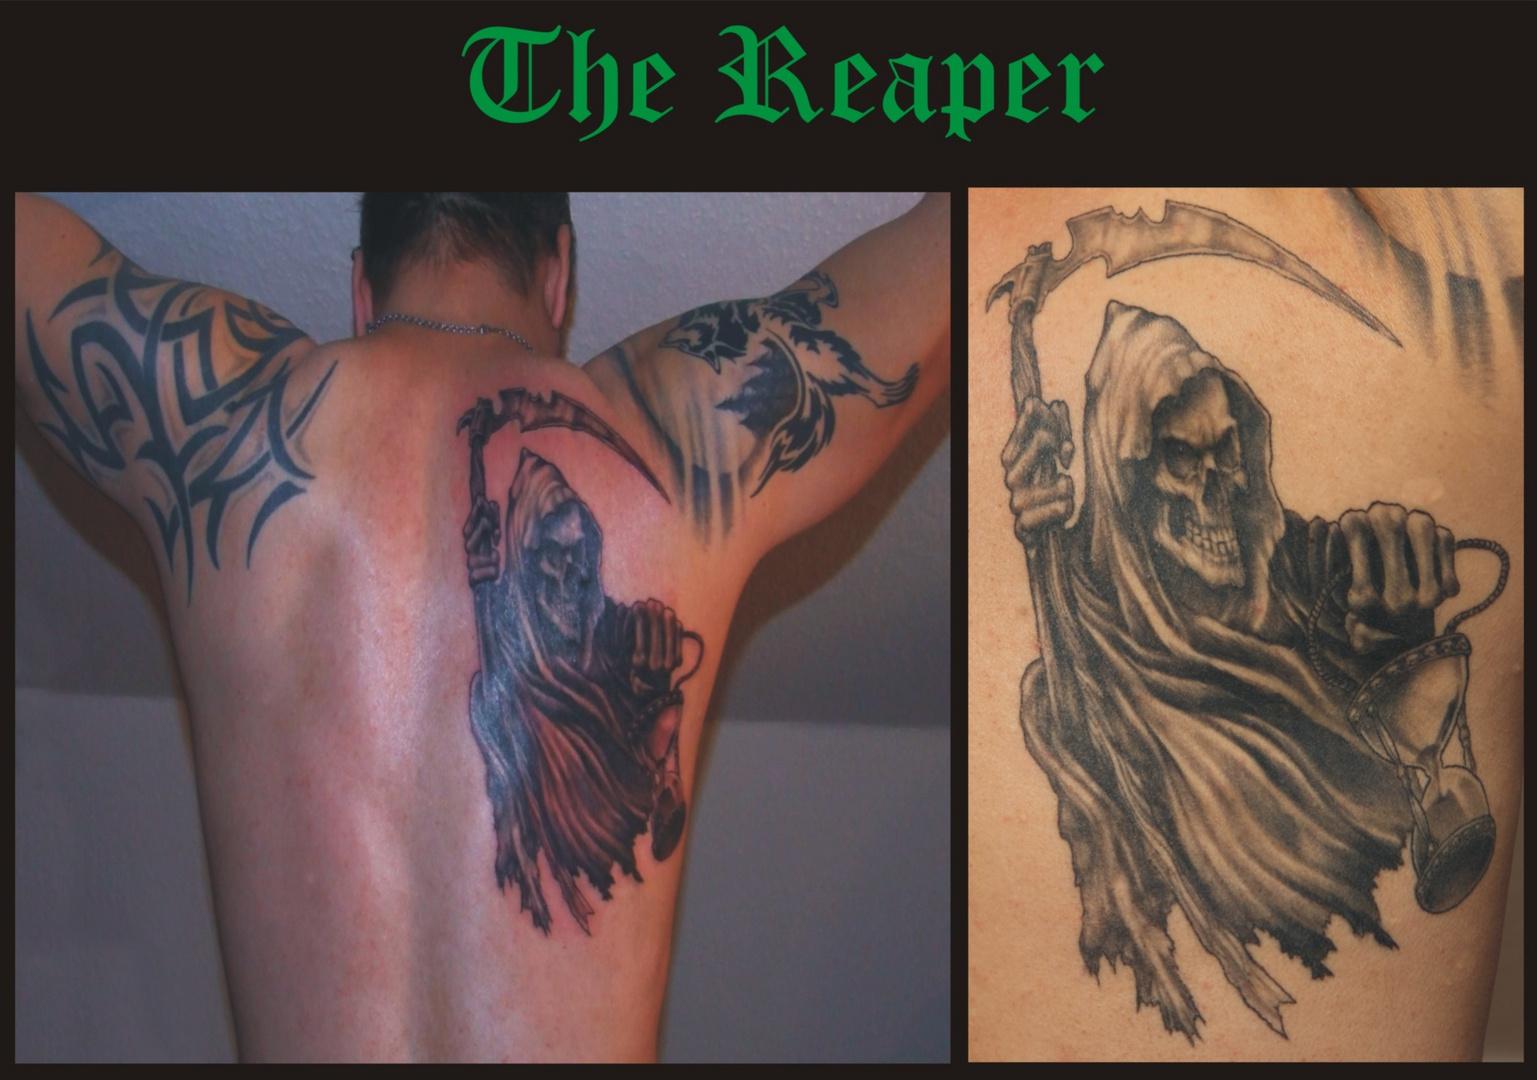 Tattoo The Reaper